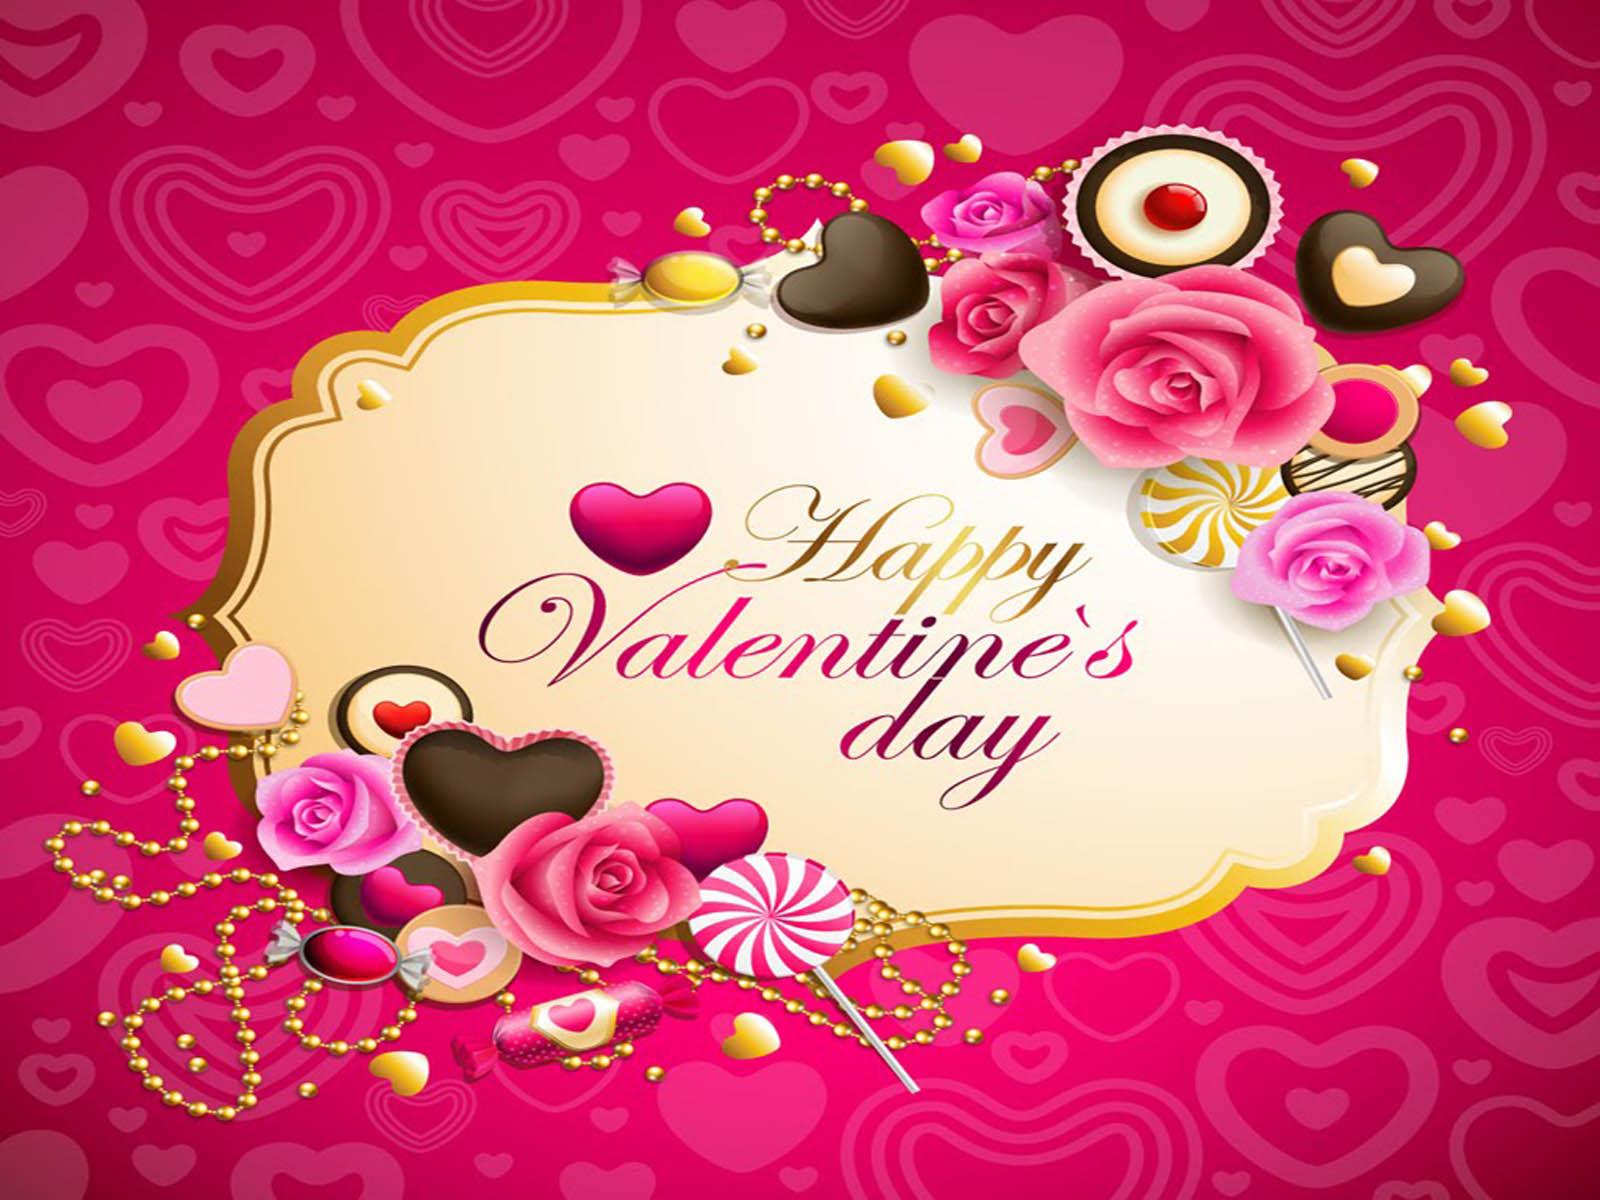 Valentine Desktop Wallpapers Wallpaper 1600x1200 1600x1200